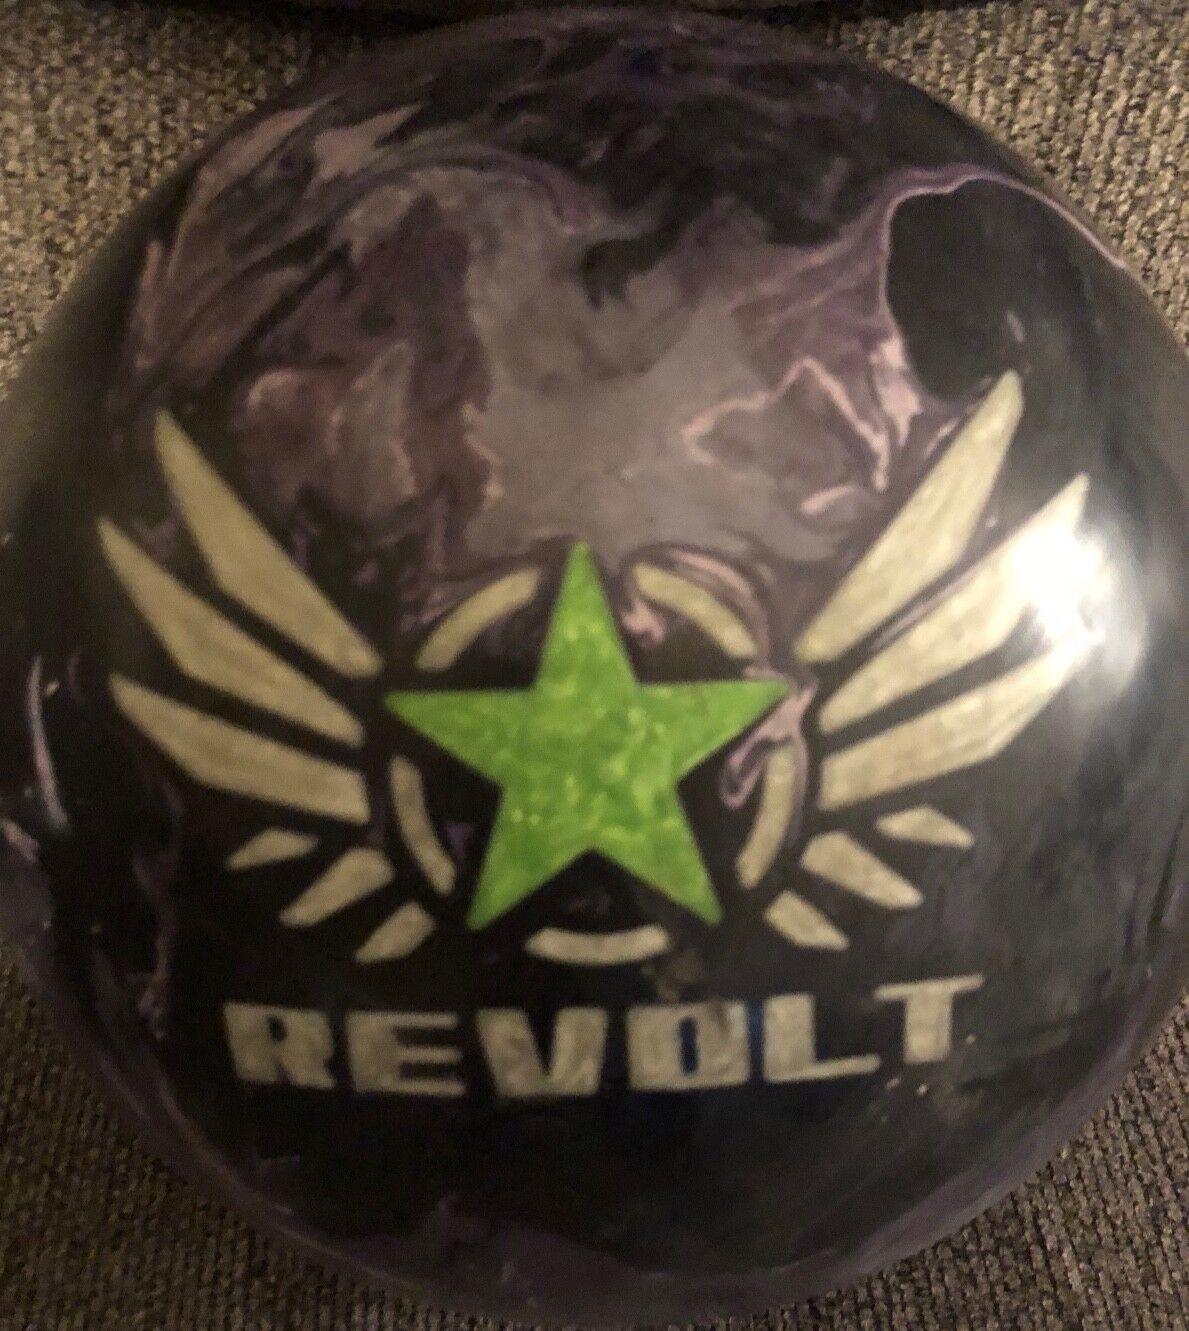 15lb Bowling Ball Motiv Revolt Vengance